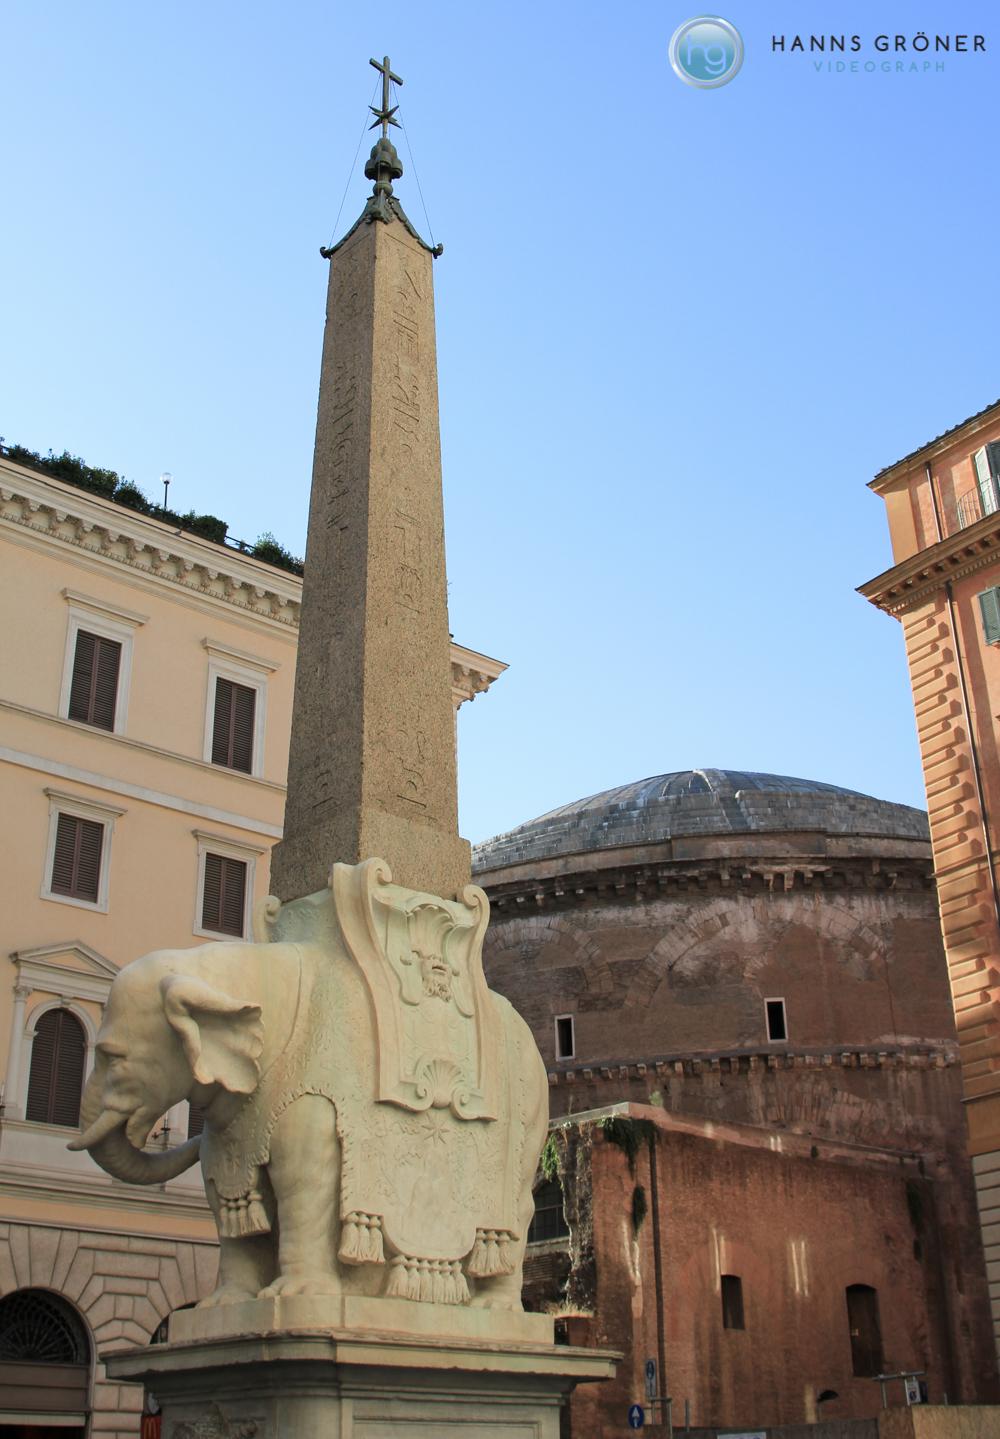 Italien |Rom - Obelisco della Minerva